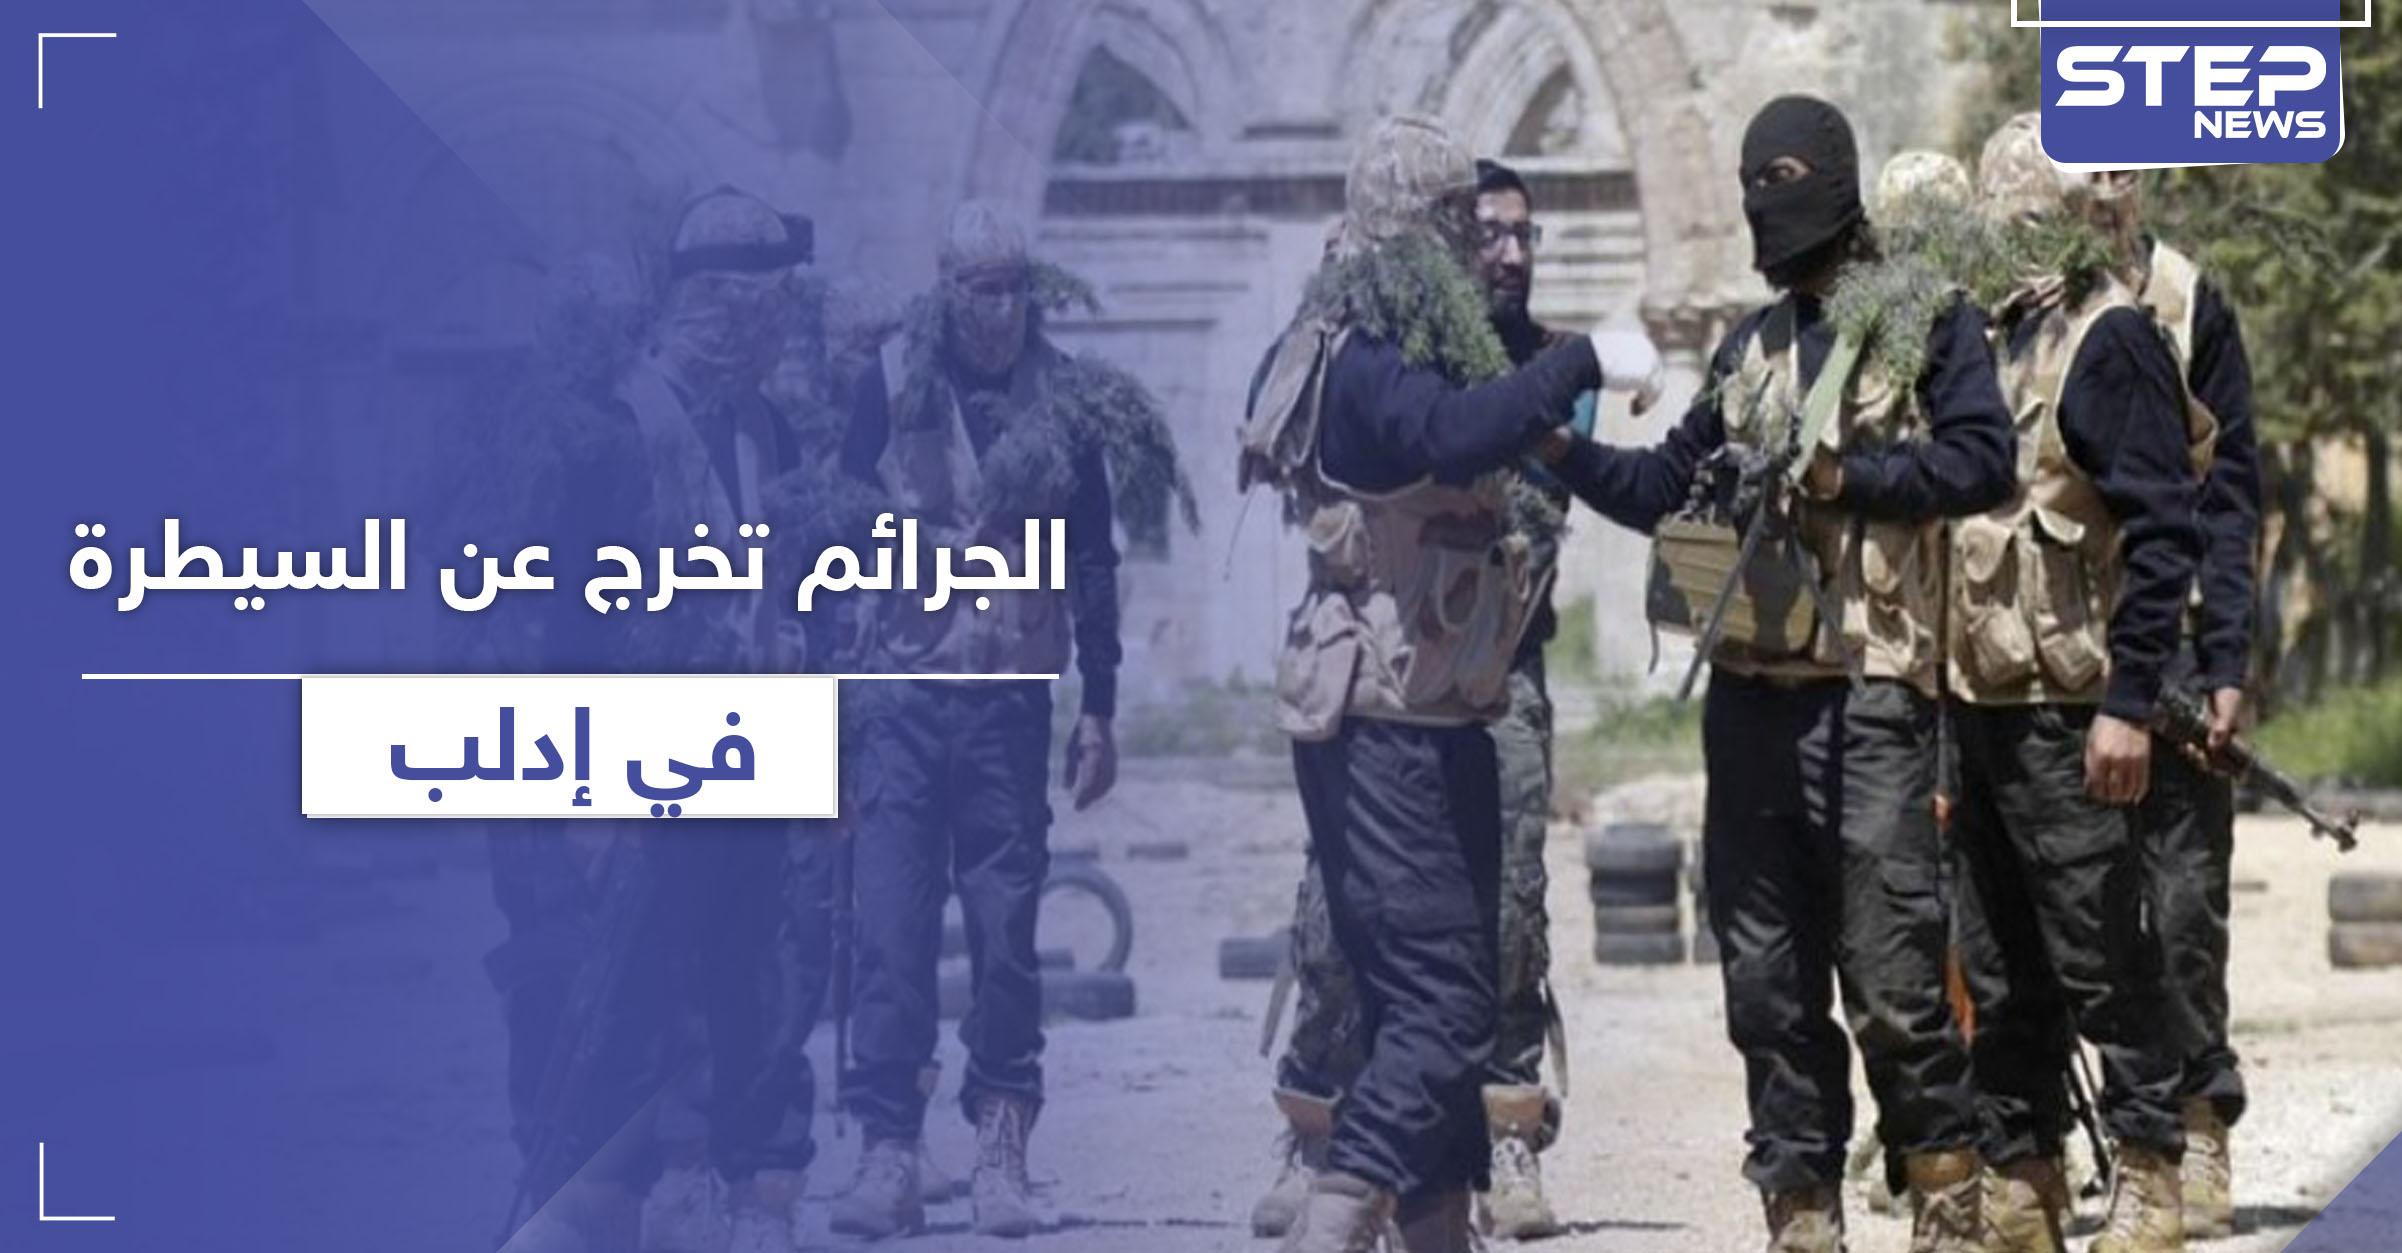 جثة متفسخة وحالات خطف وسرقة في إدلب.. والأهالي يحملون تحرير الشام